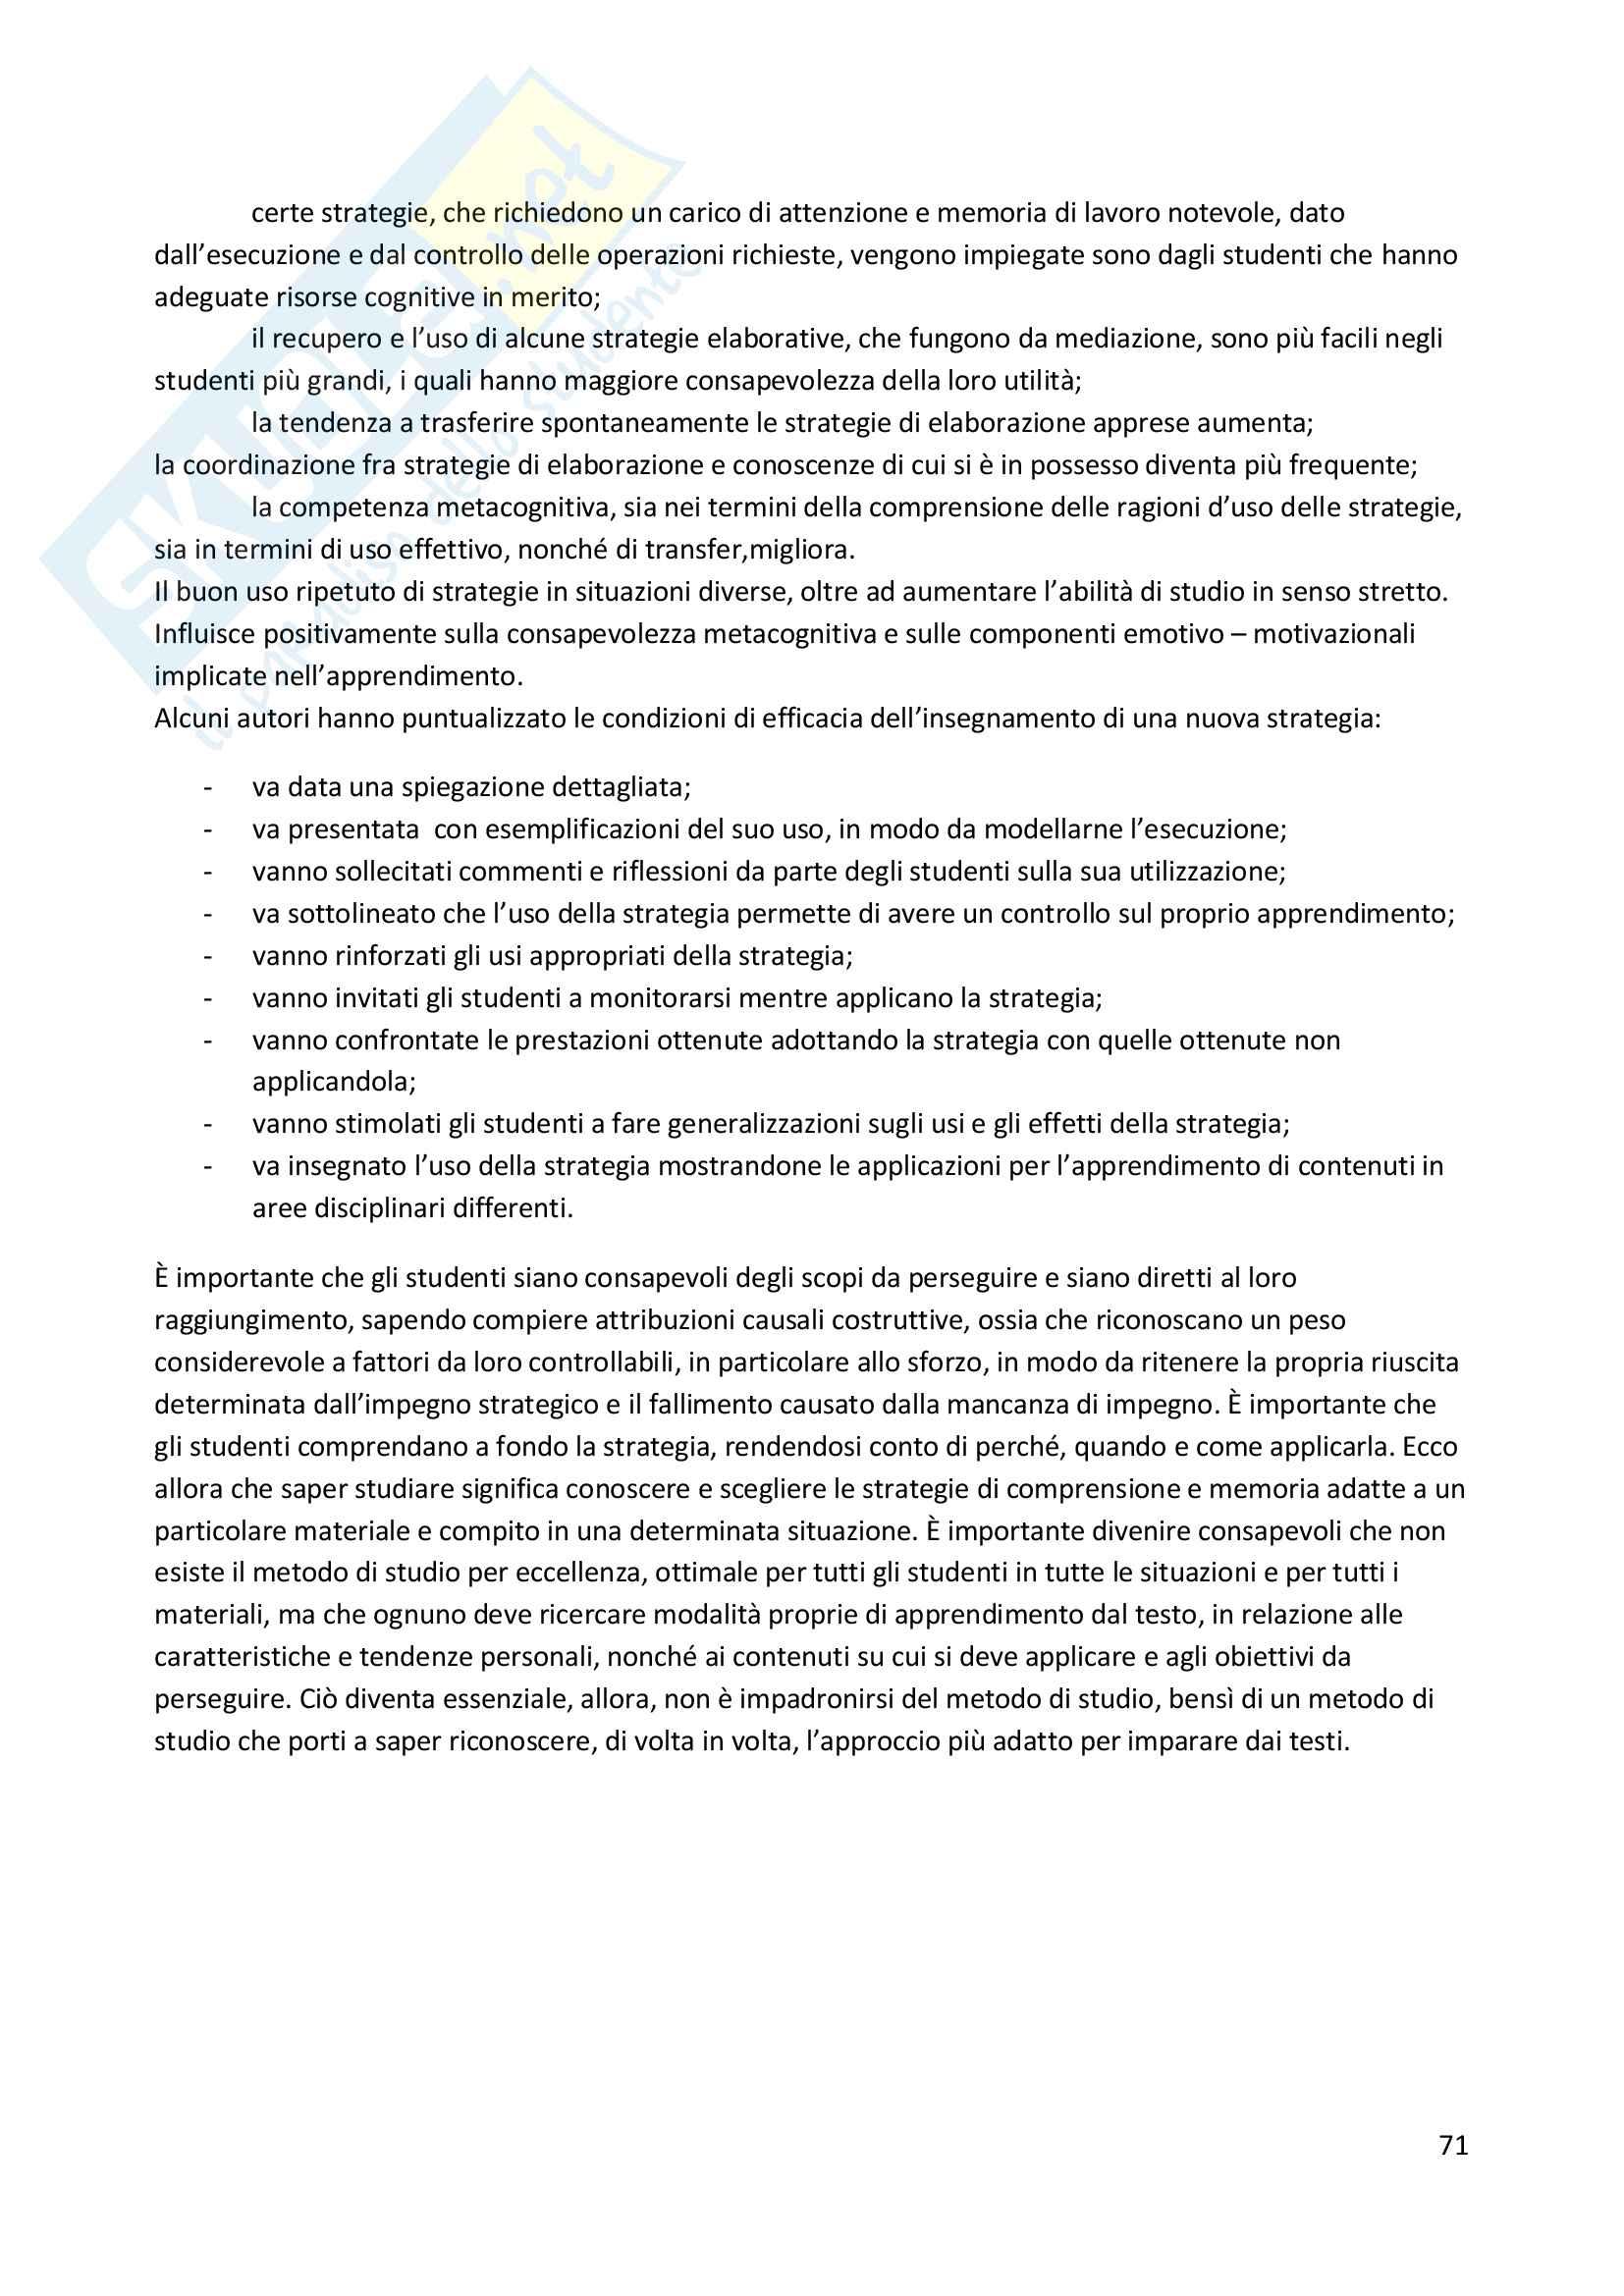 """Riassunto esame """"Psicologia dell'educazione"""" , prof. Gelati, libro consigliato """"Psicologia dell'apprendimento e dell'istruzione"""", Mason Pag. 71"""